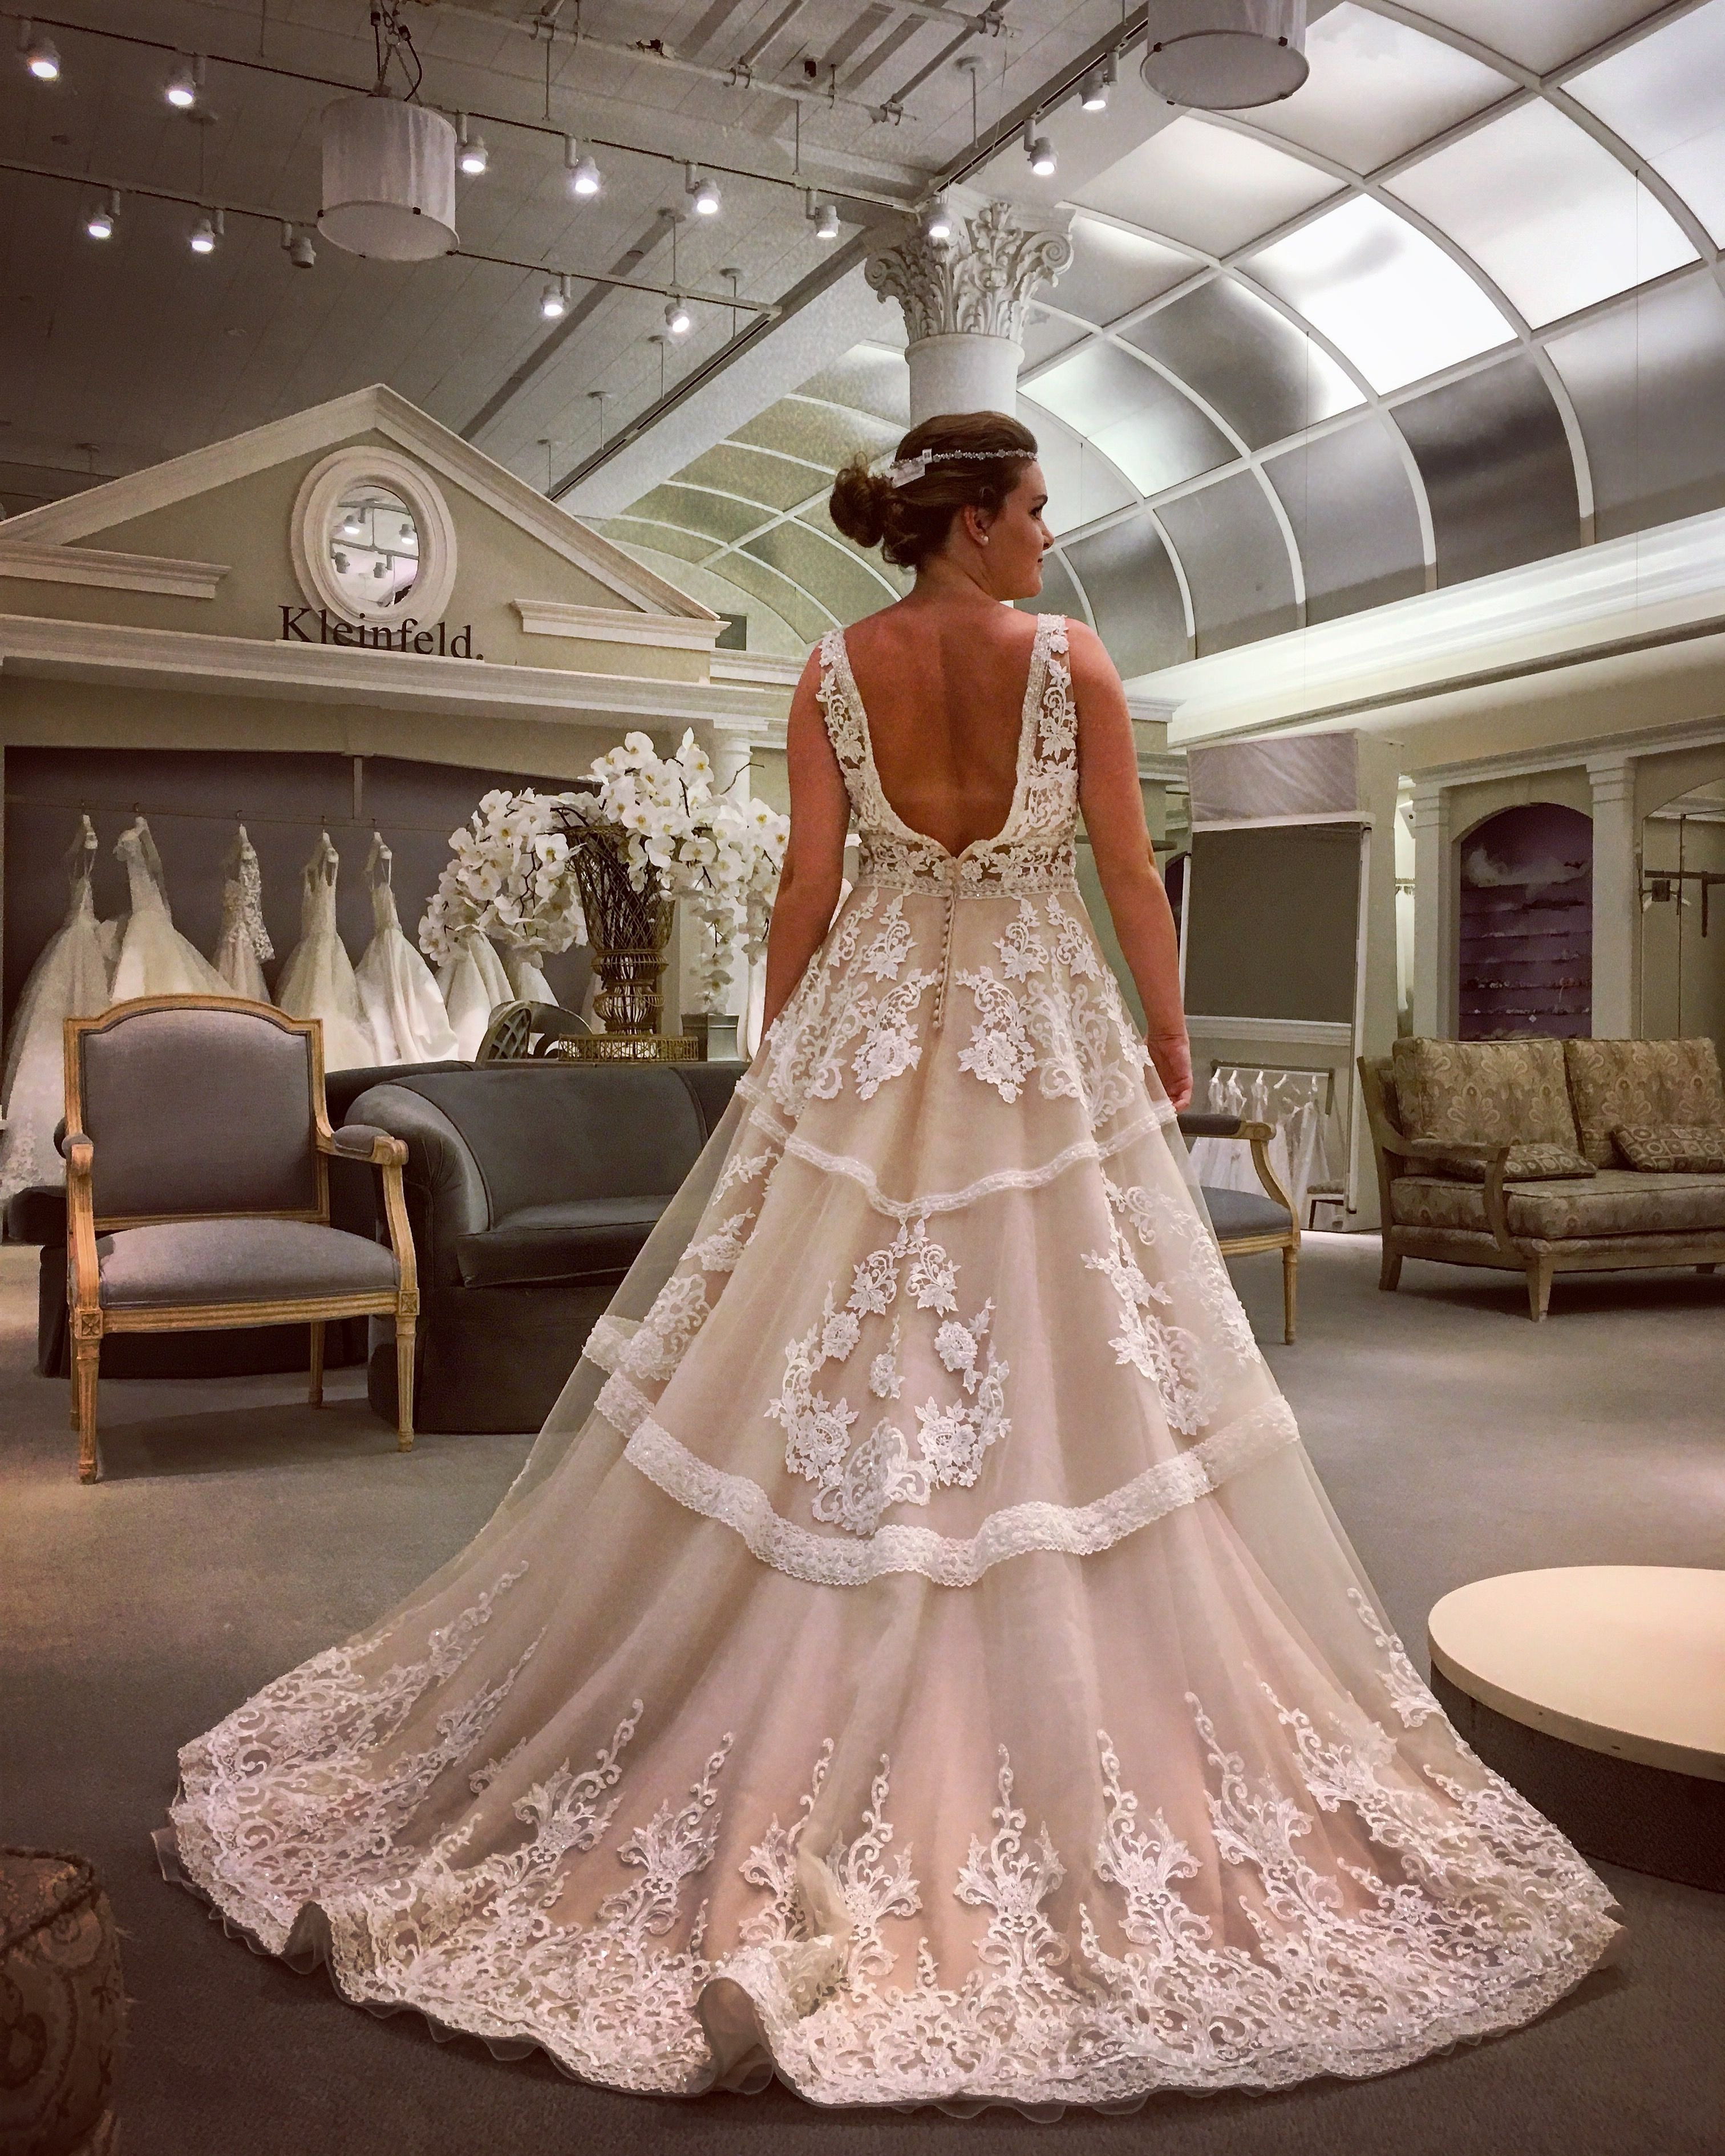 Randy fenoli wedding dresses  Randy Fenoli Wedding Dress RUSTIC Whimsical  Gowns  Pinterest